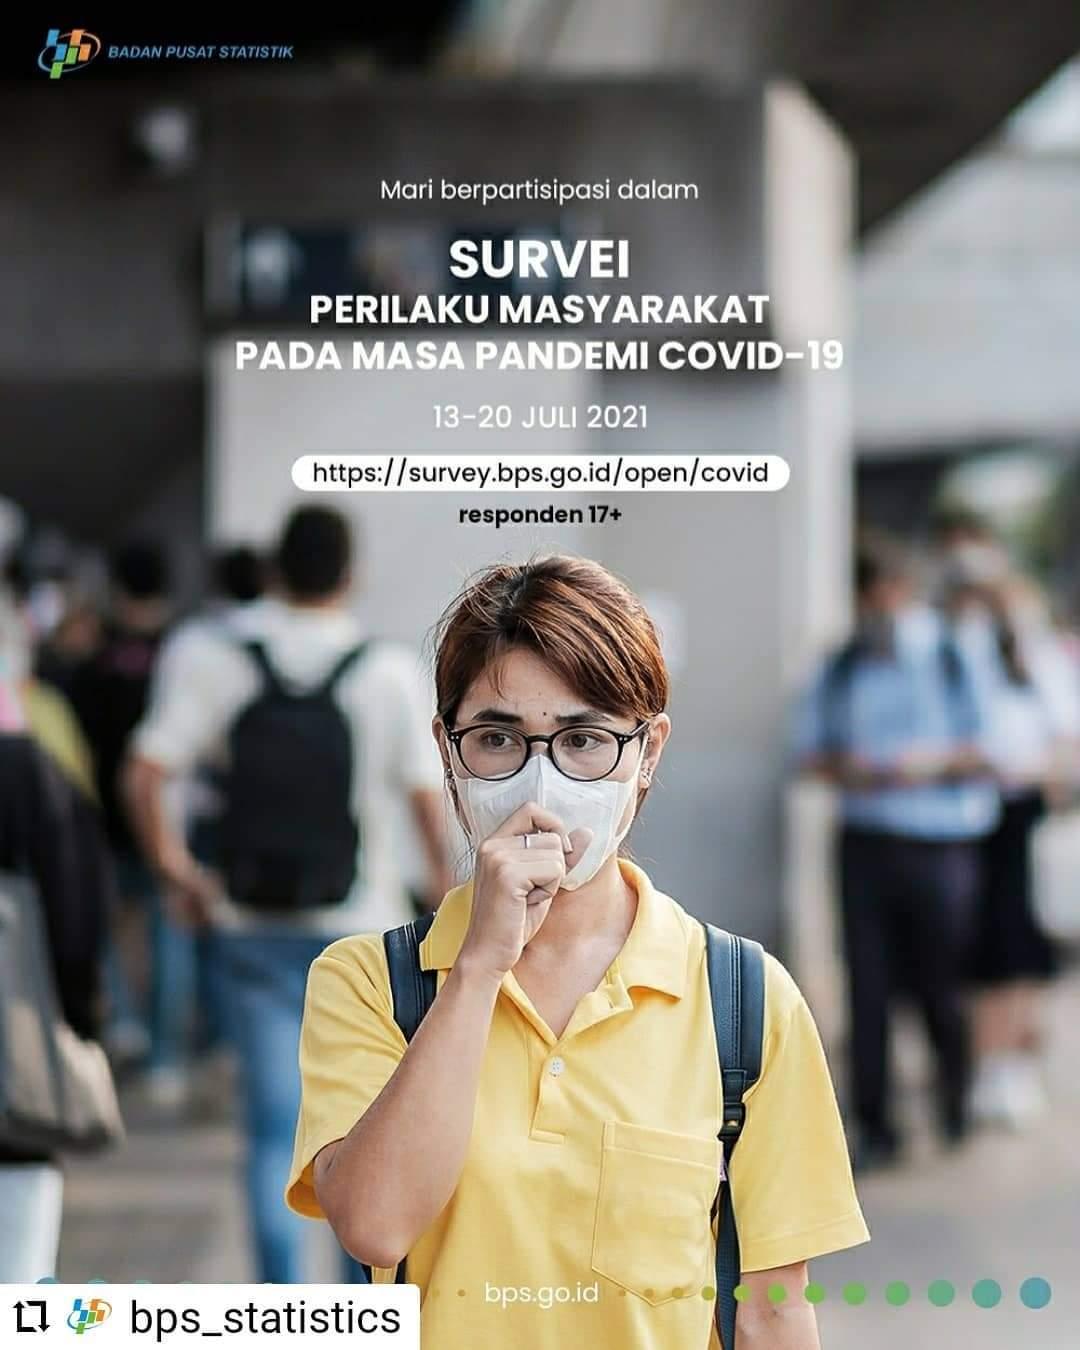 survei-perilaku-masyarakat-pada-masa-pandemi-covid-19